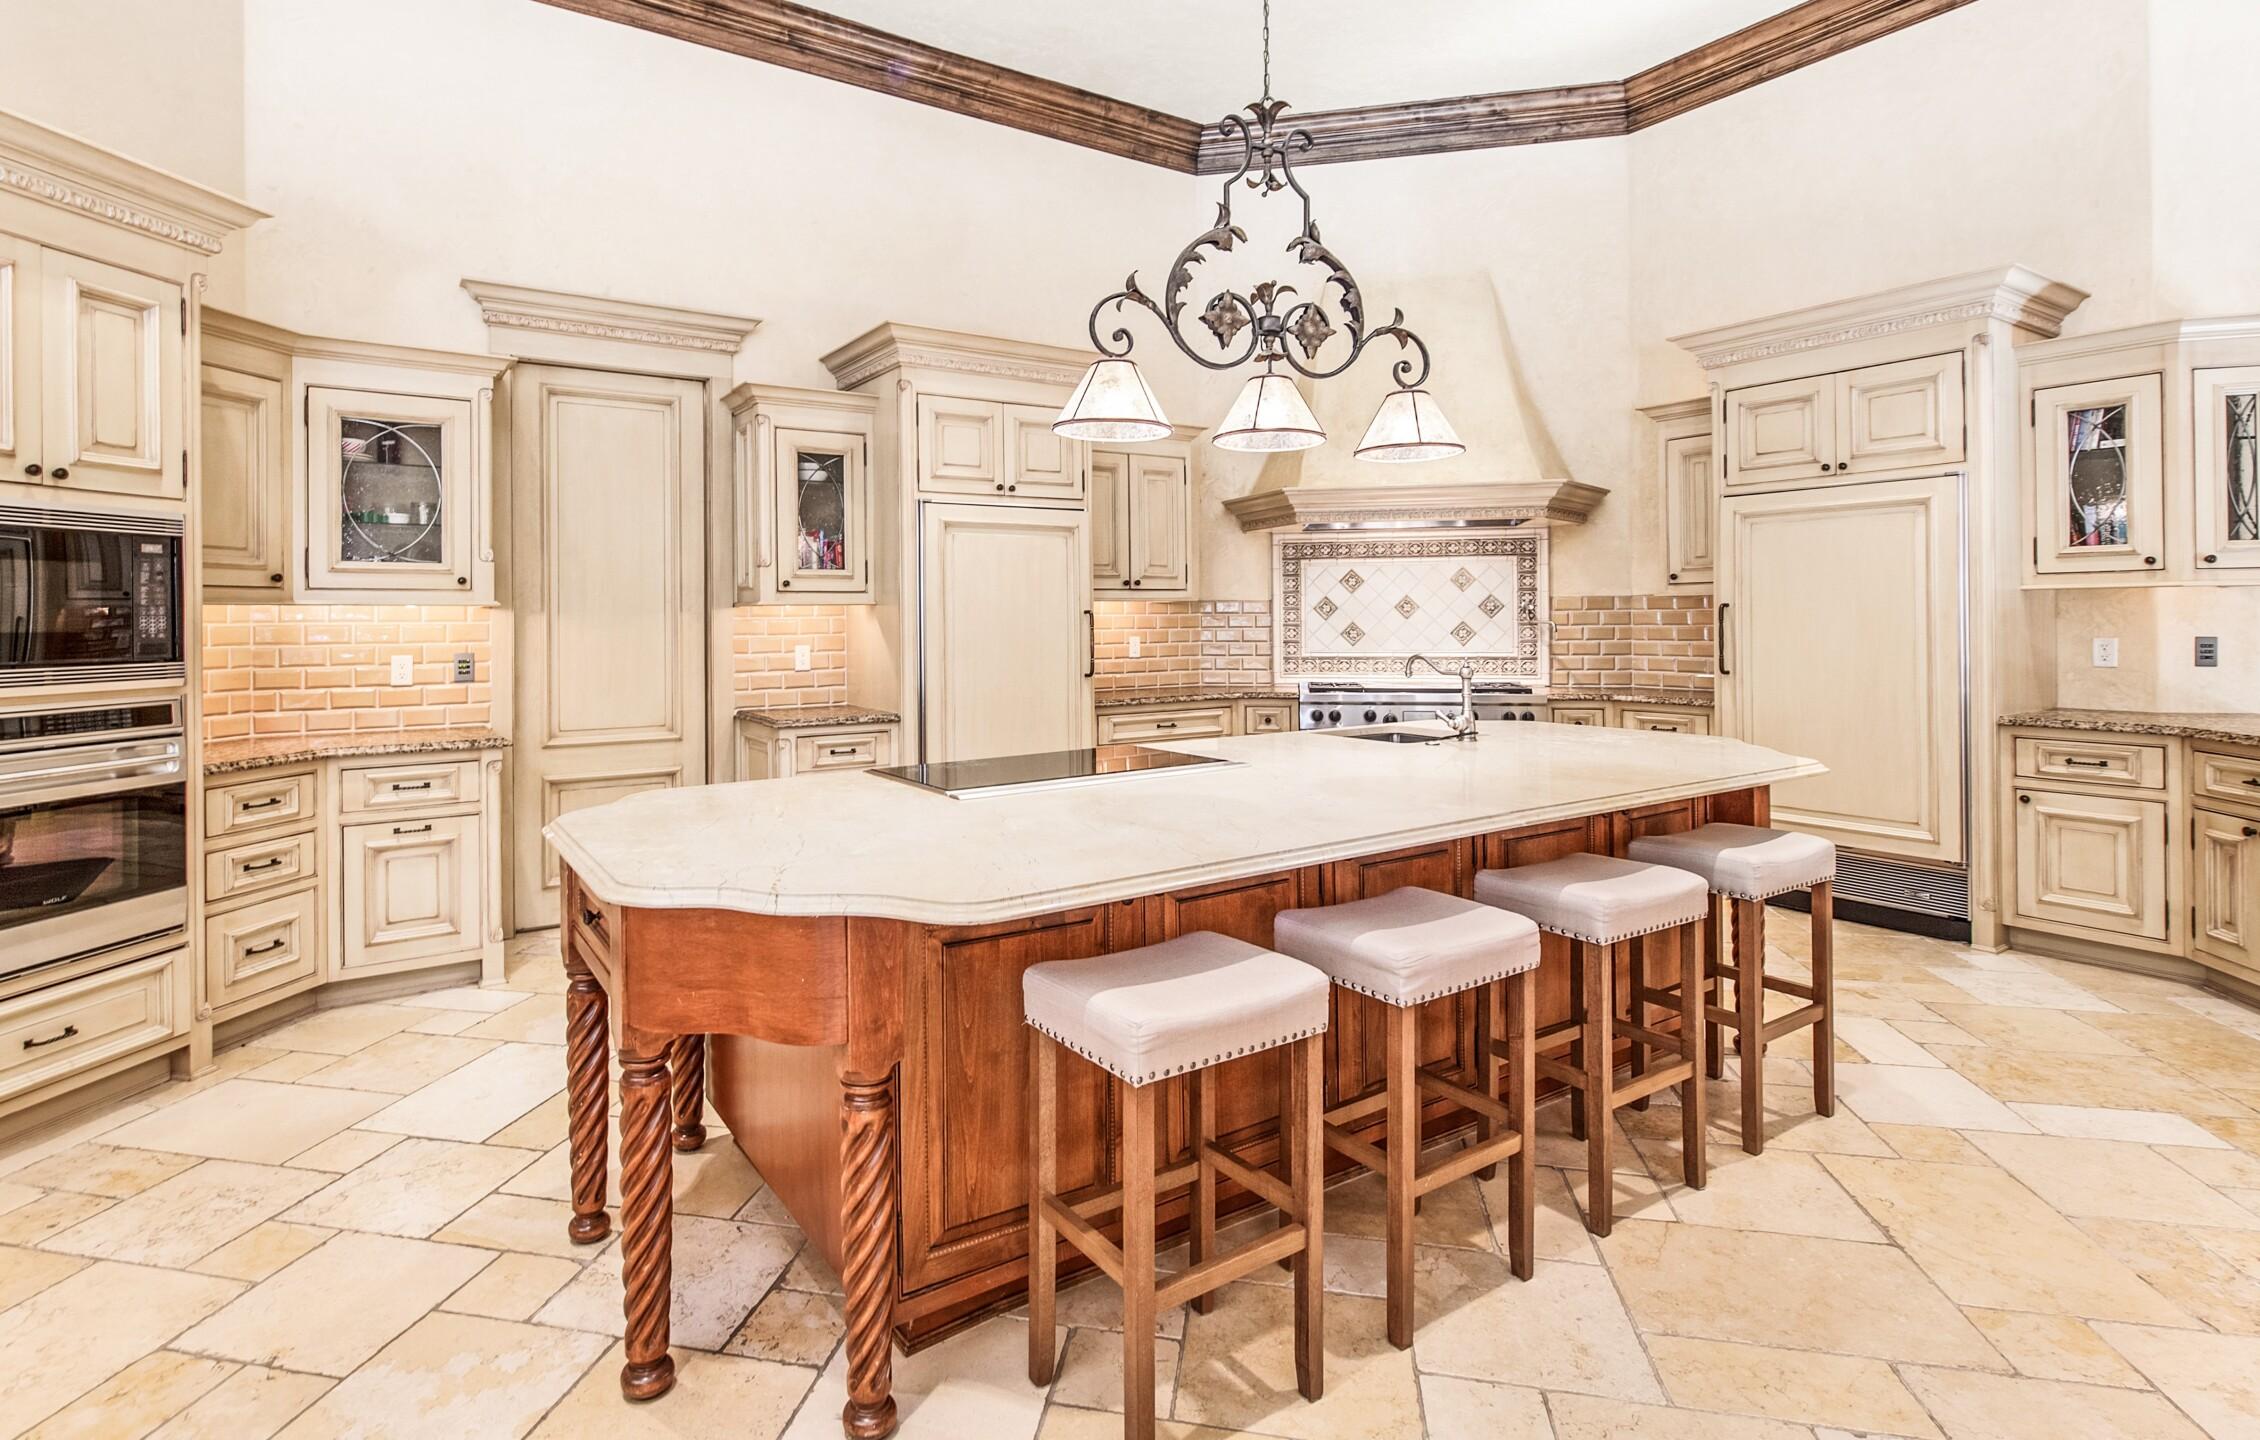 Greenway kitchen.jpg